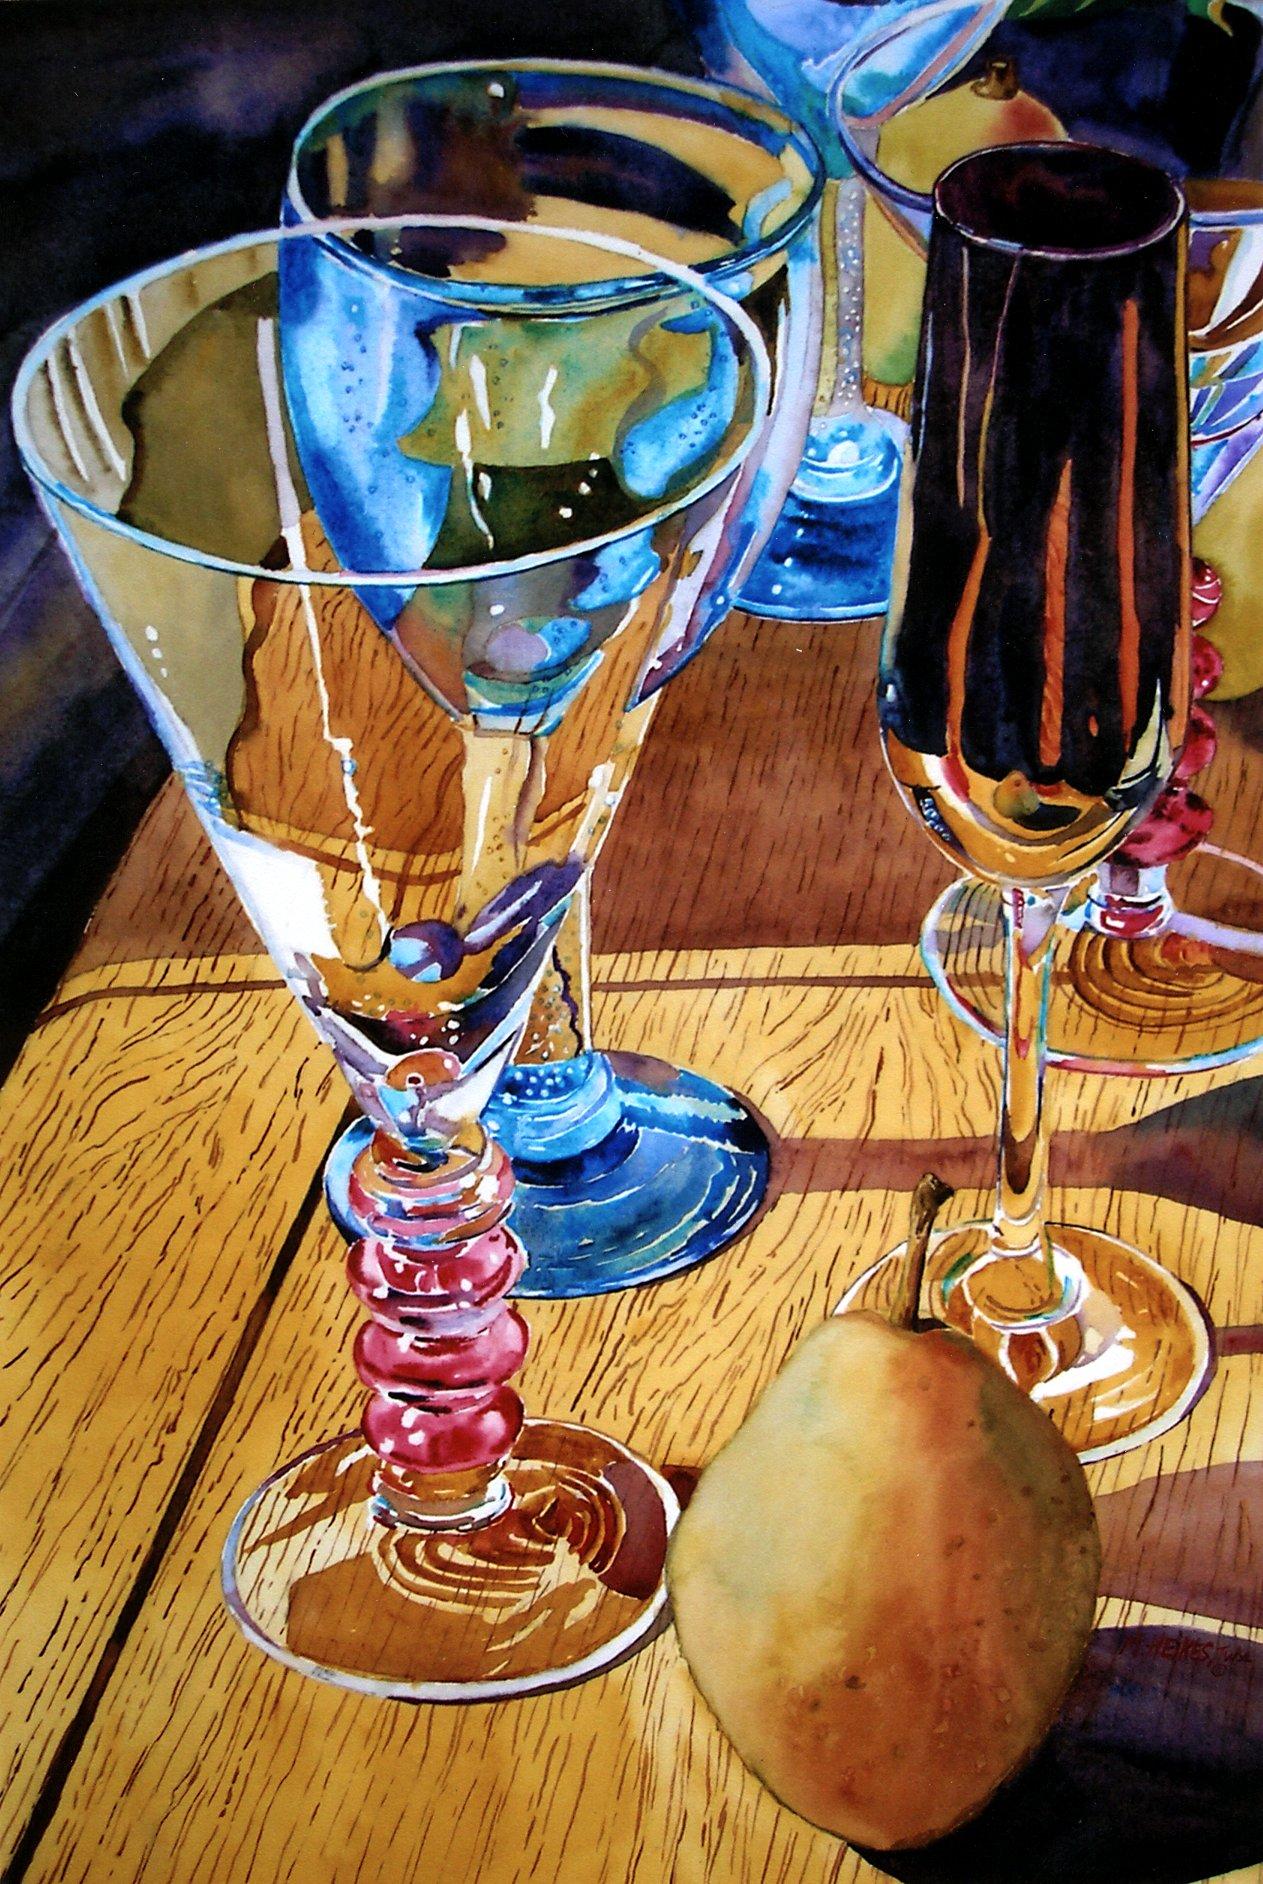 Stemware/Glass #4